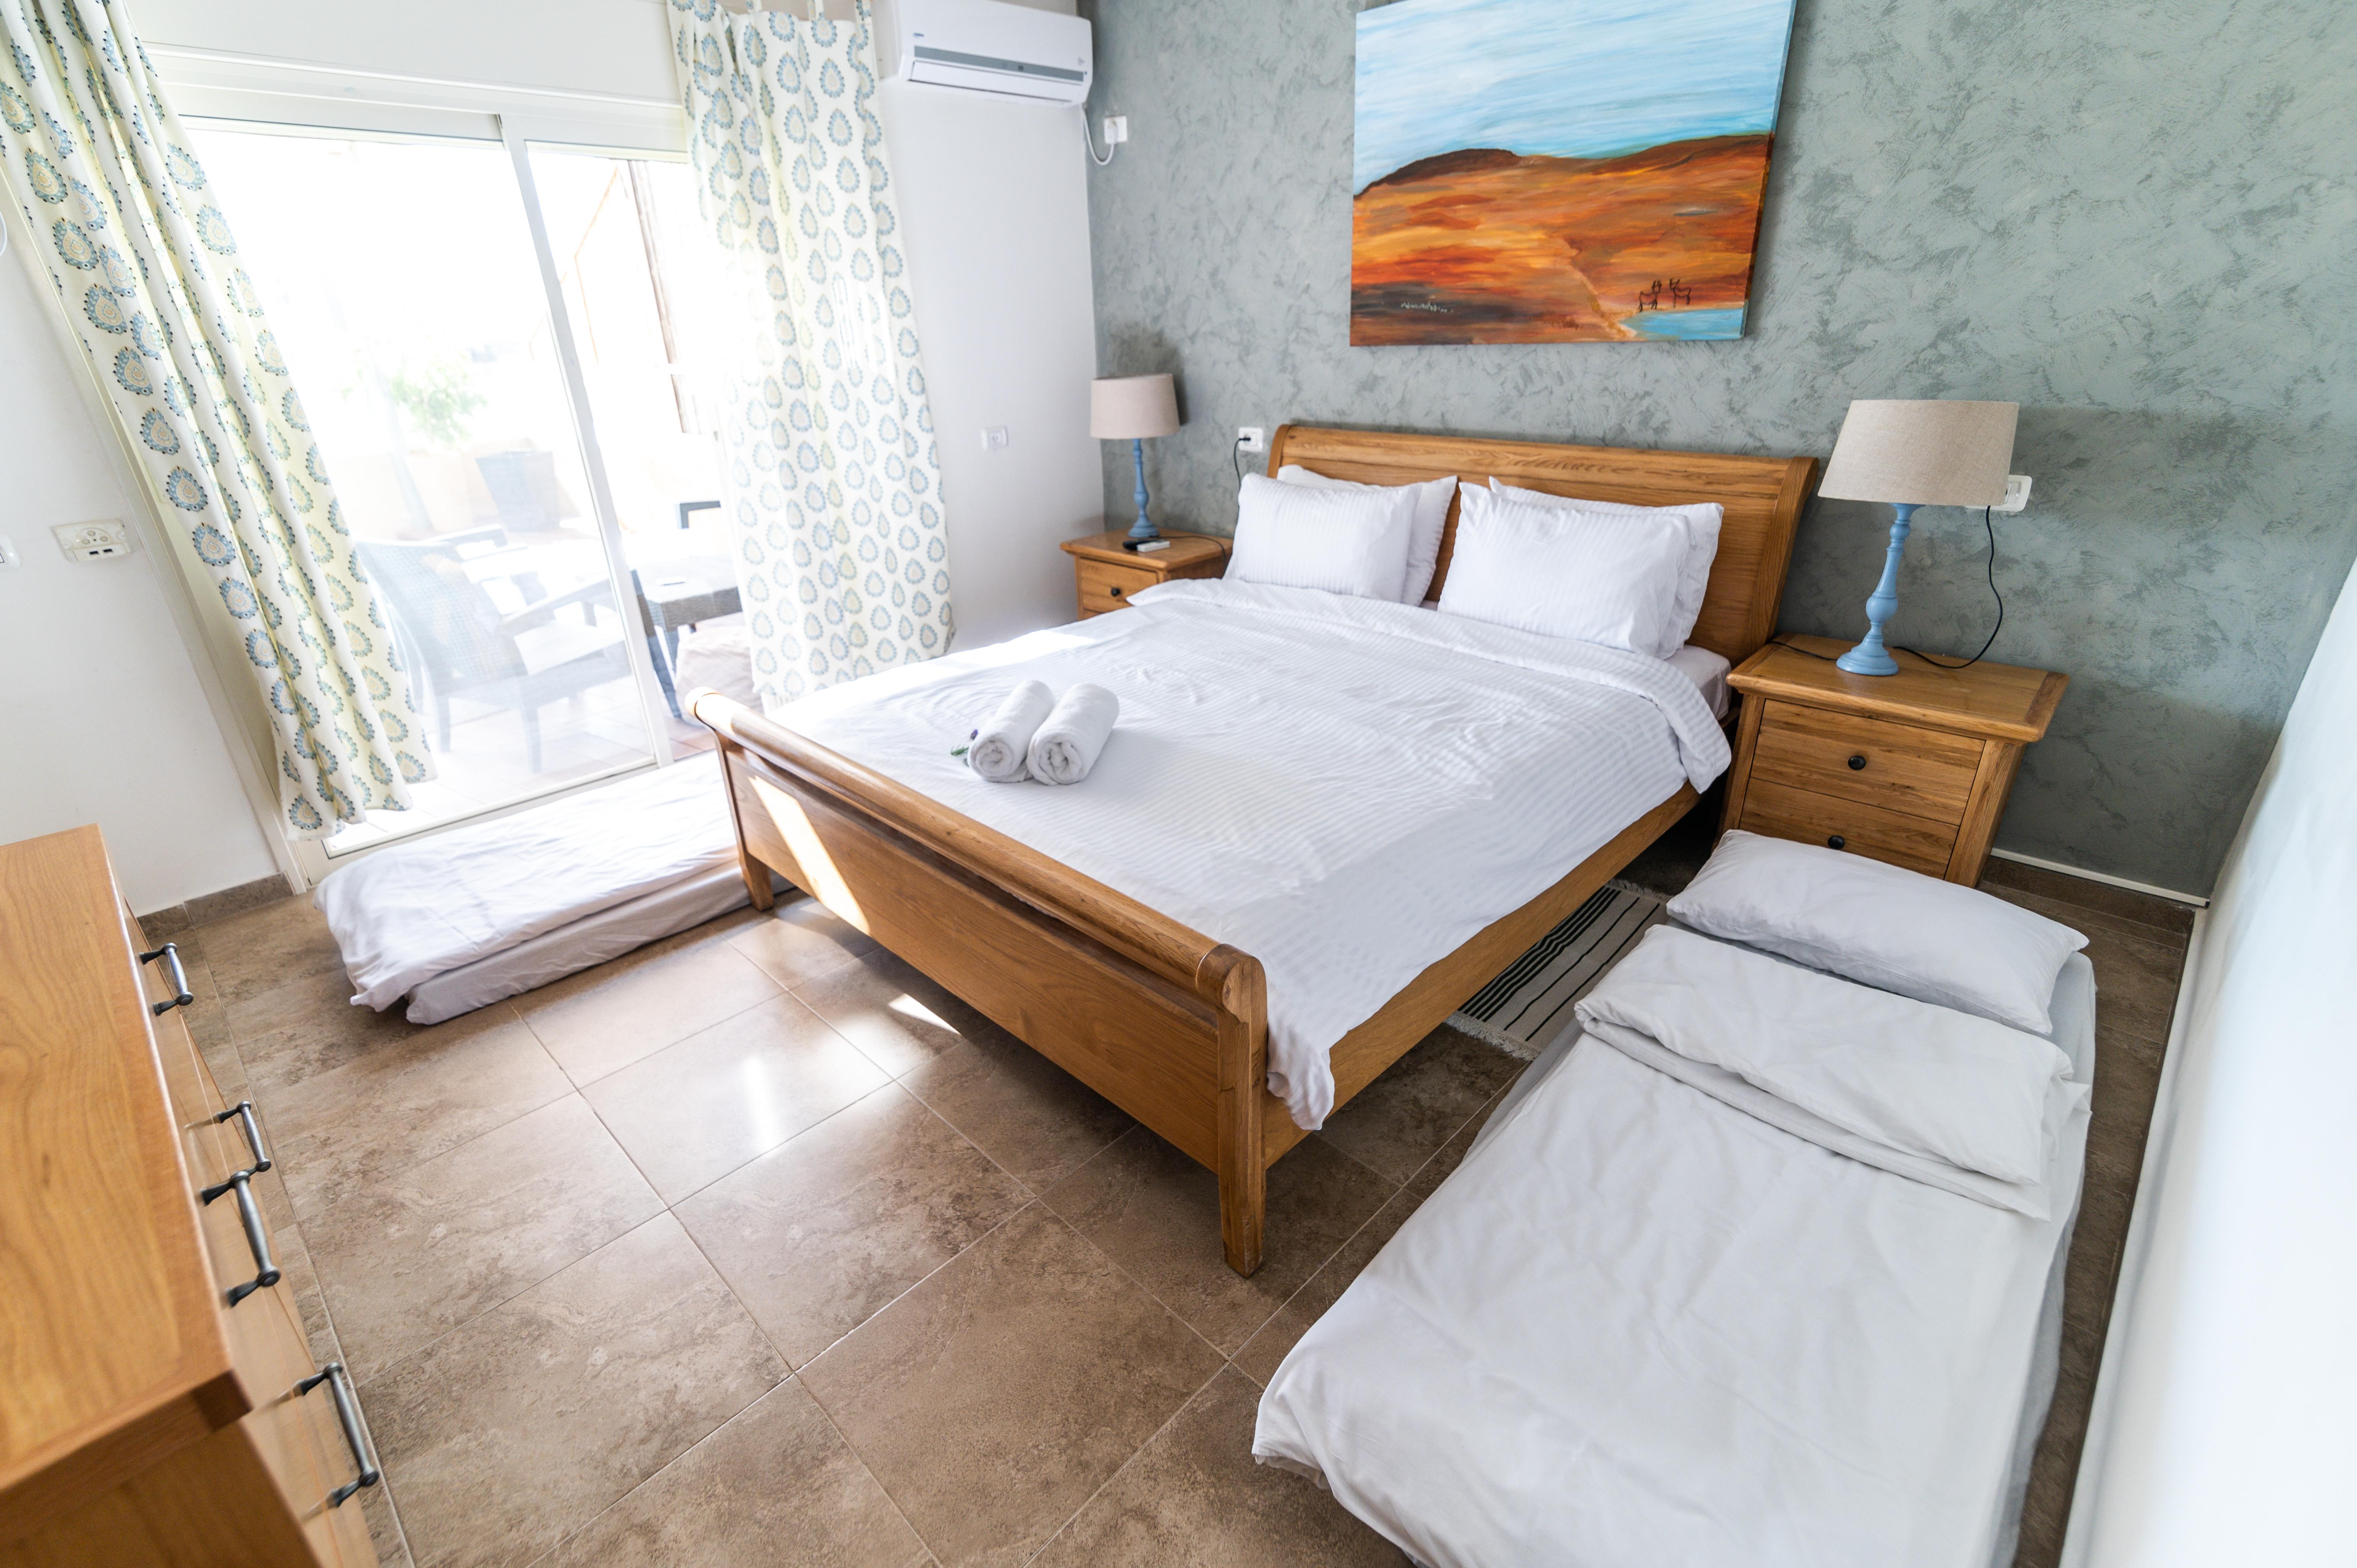 נחל פארן 32 - חדר עם תוספת מזרנים